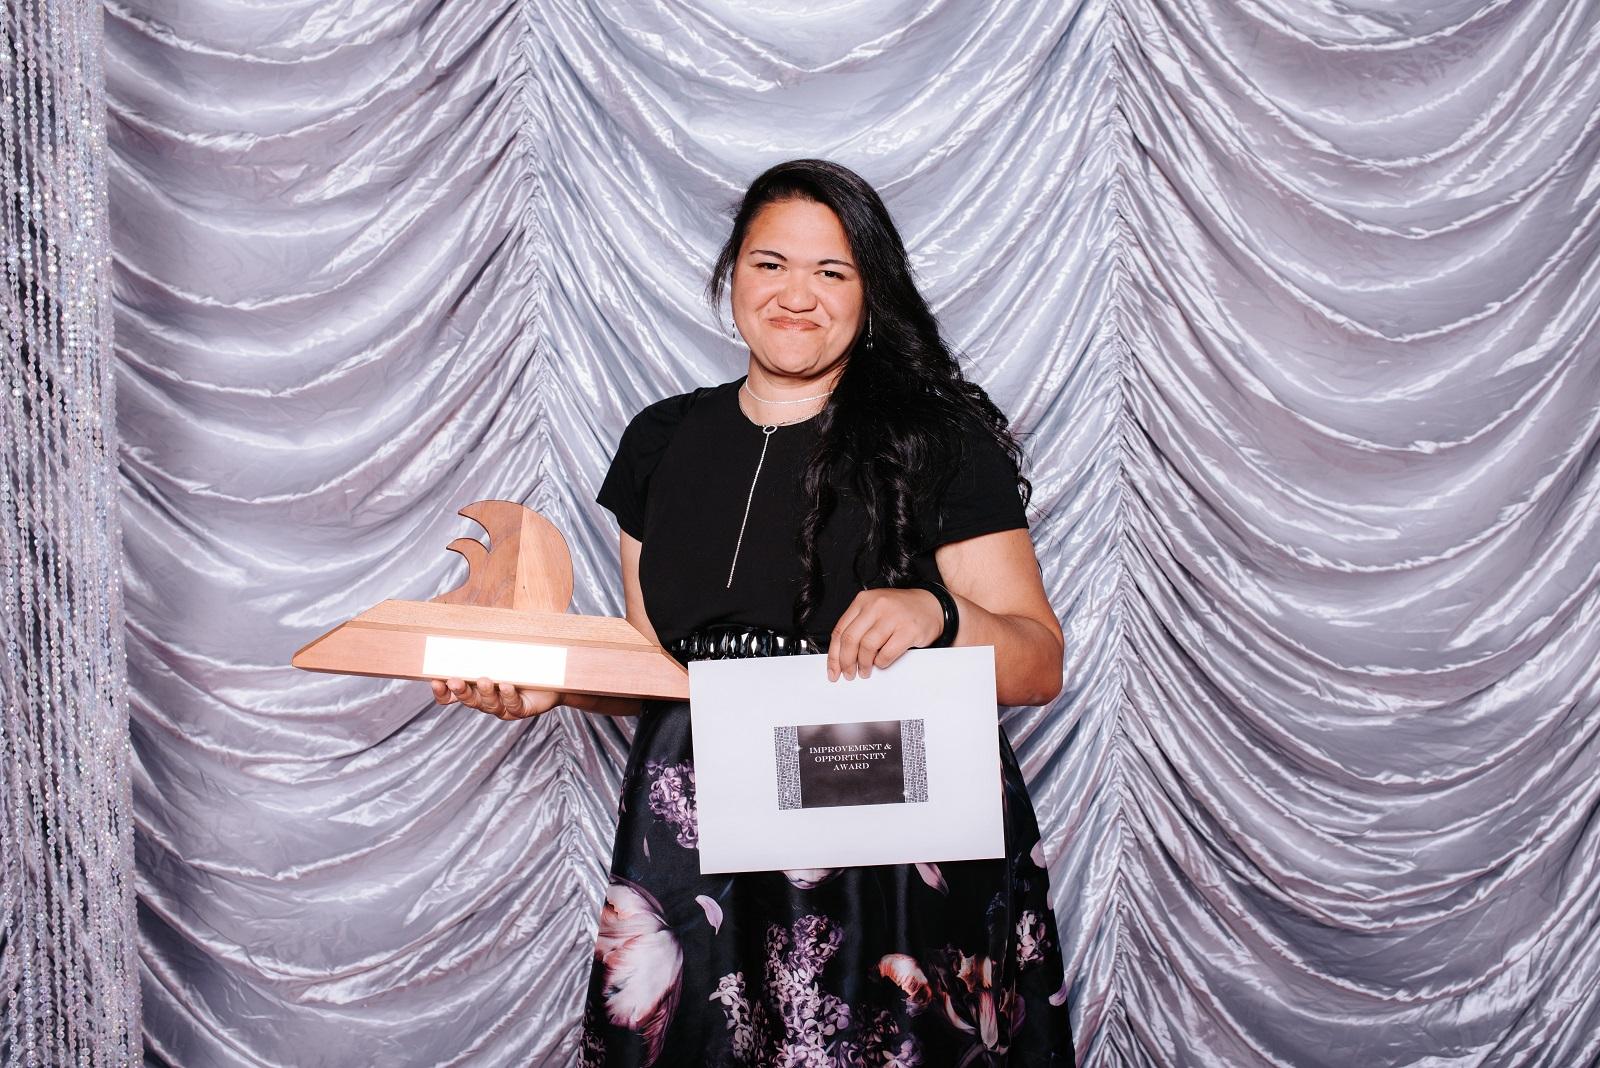 Reina at the Wintec 2018 Staff Awards